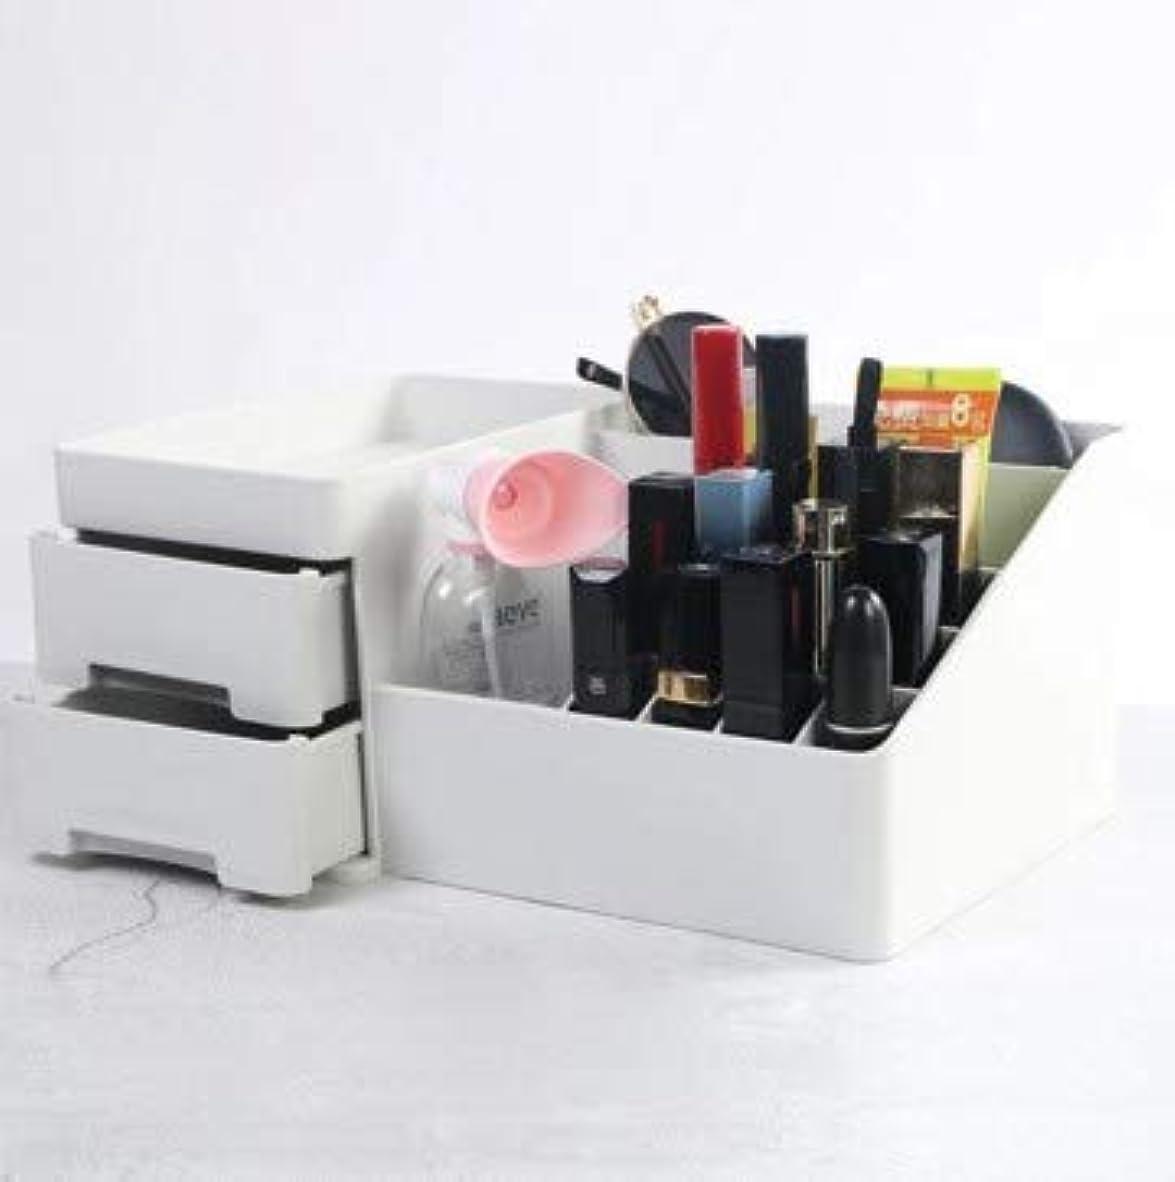 レオナルドダぺディカブ秘密のデスクトップ引き出し型化粧品収納ボックスプラスチックドレッシング収納ホーム収納ボックス (Color : グレー)